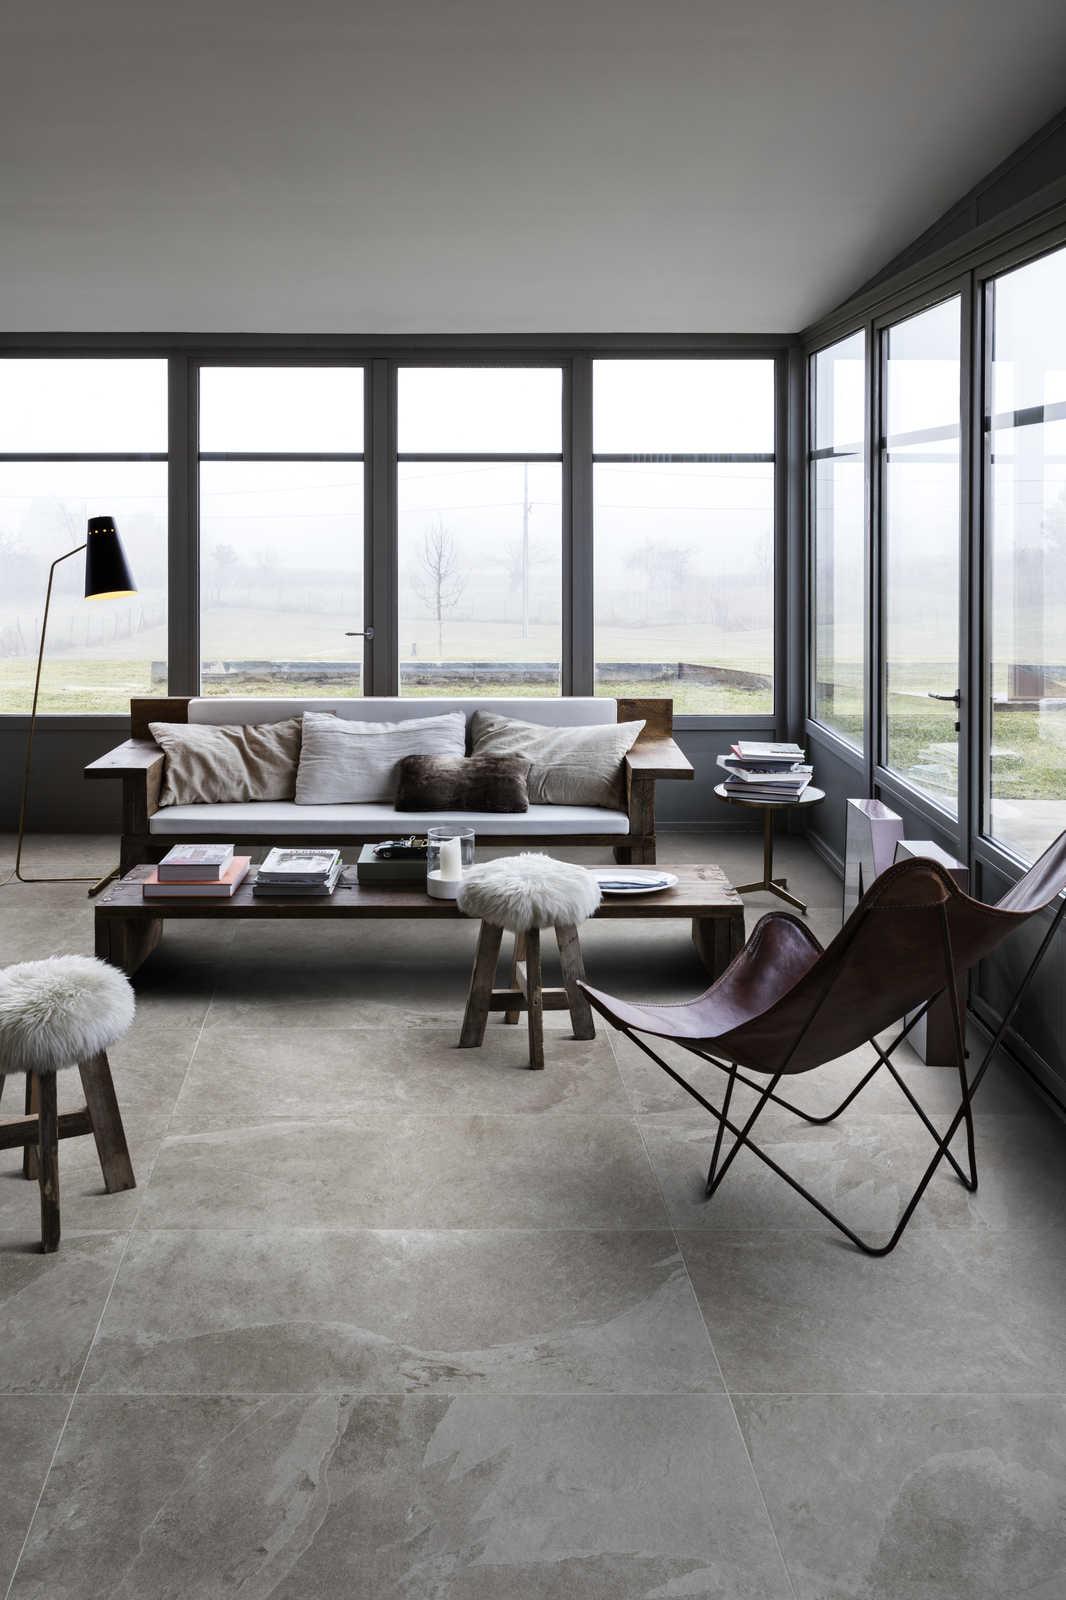 fliesen wohnzimmer. Black Bedroom Furniture Sets. Home Design Ideas